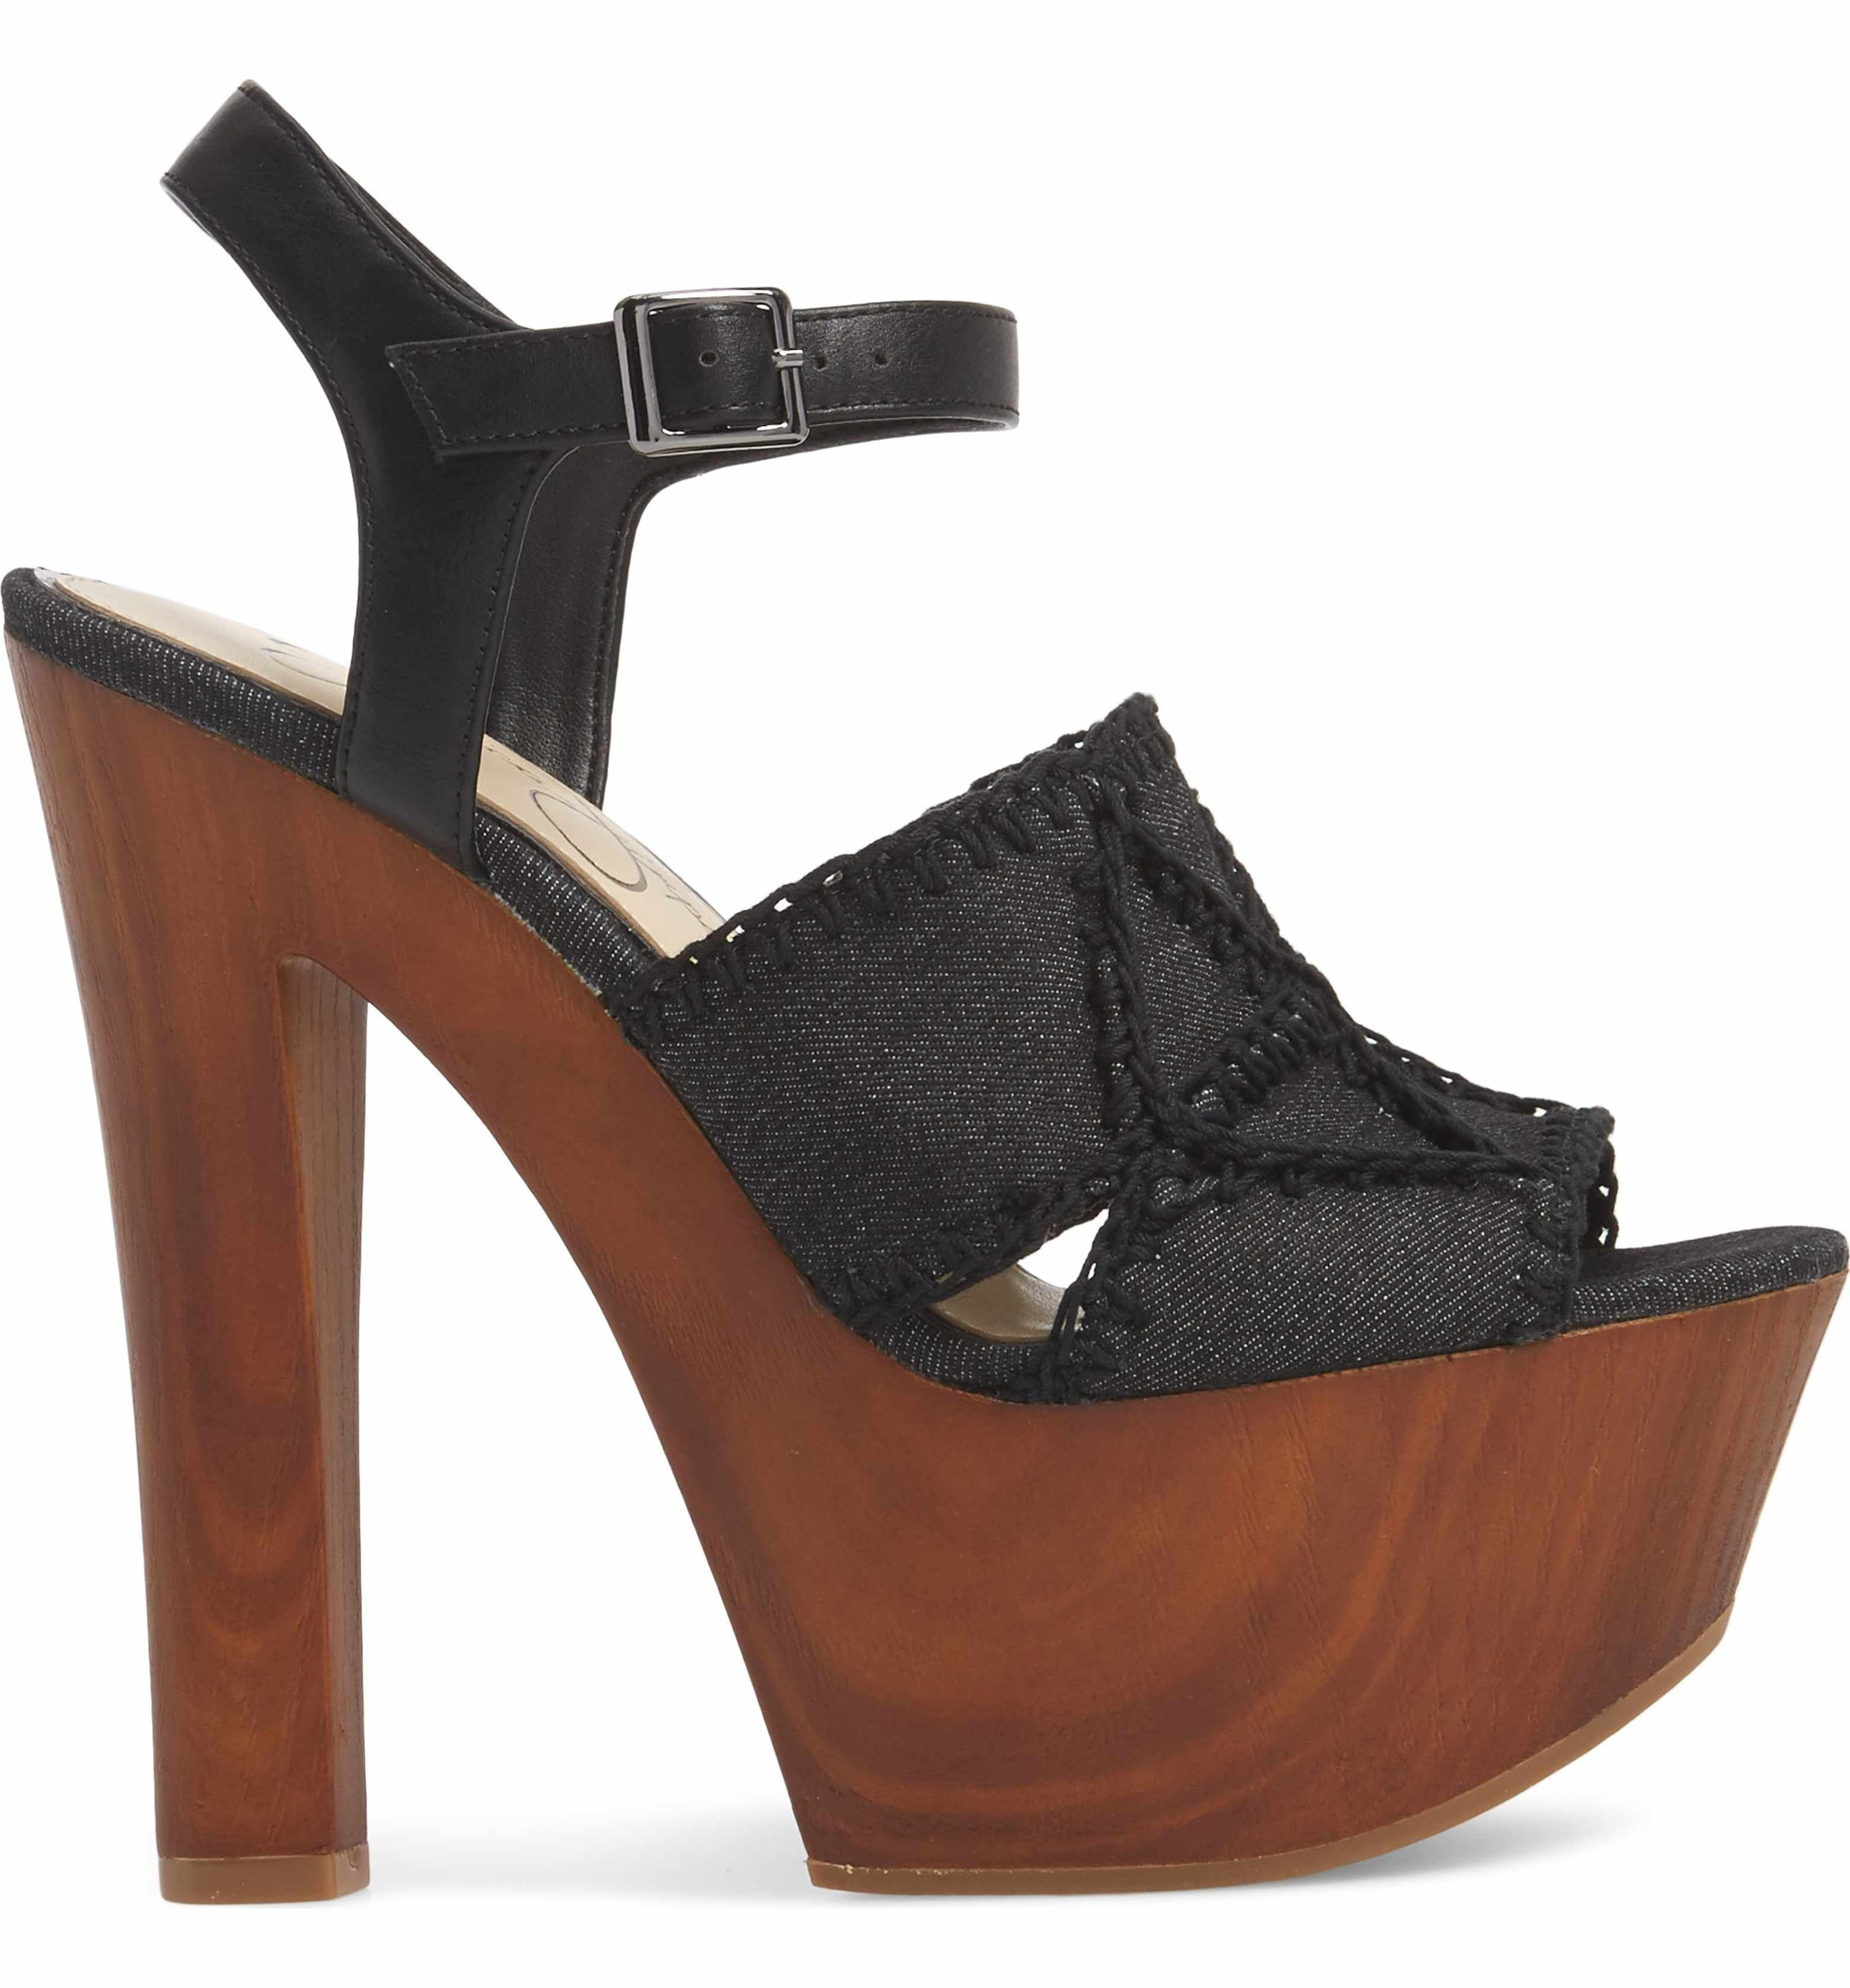 d1ff15a7959 Main Image - Jessica Simpson Dezzie Platform Sandal (Women)